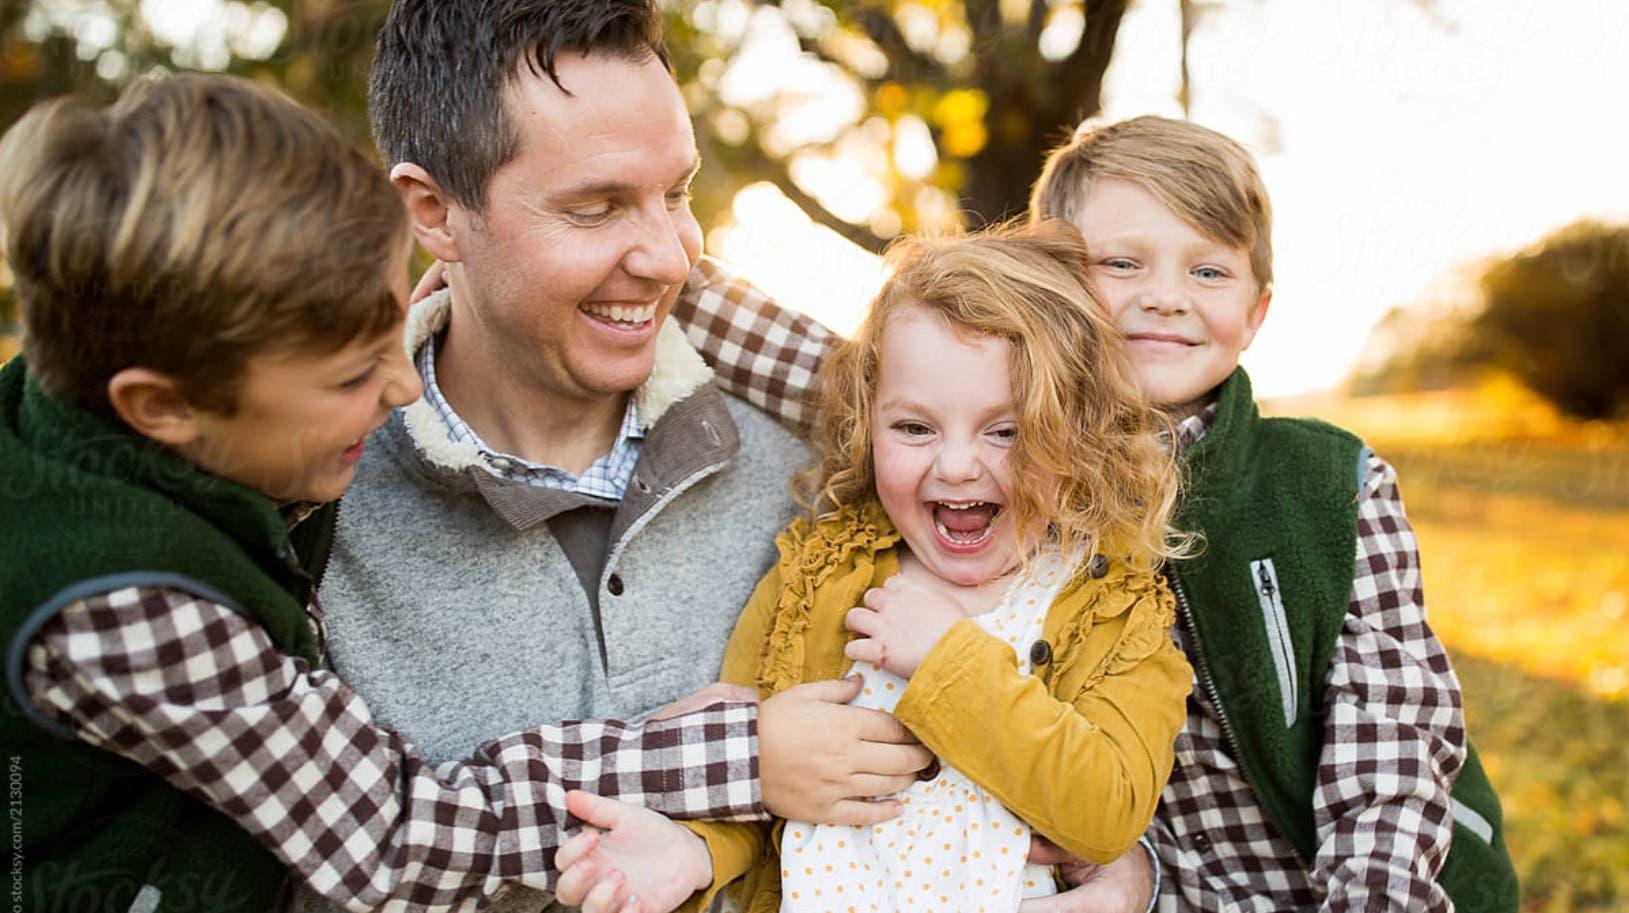 Cada vez son más los papás que se involucran y acompañan a los hijos